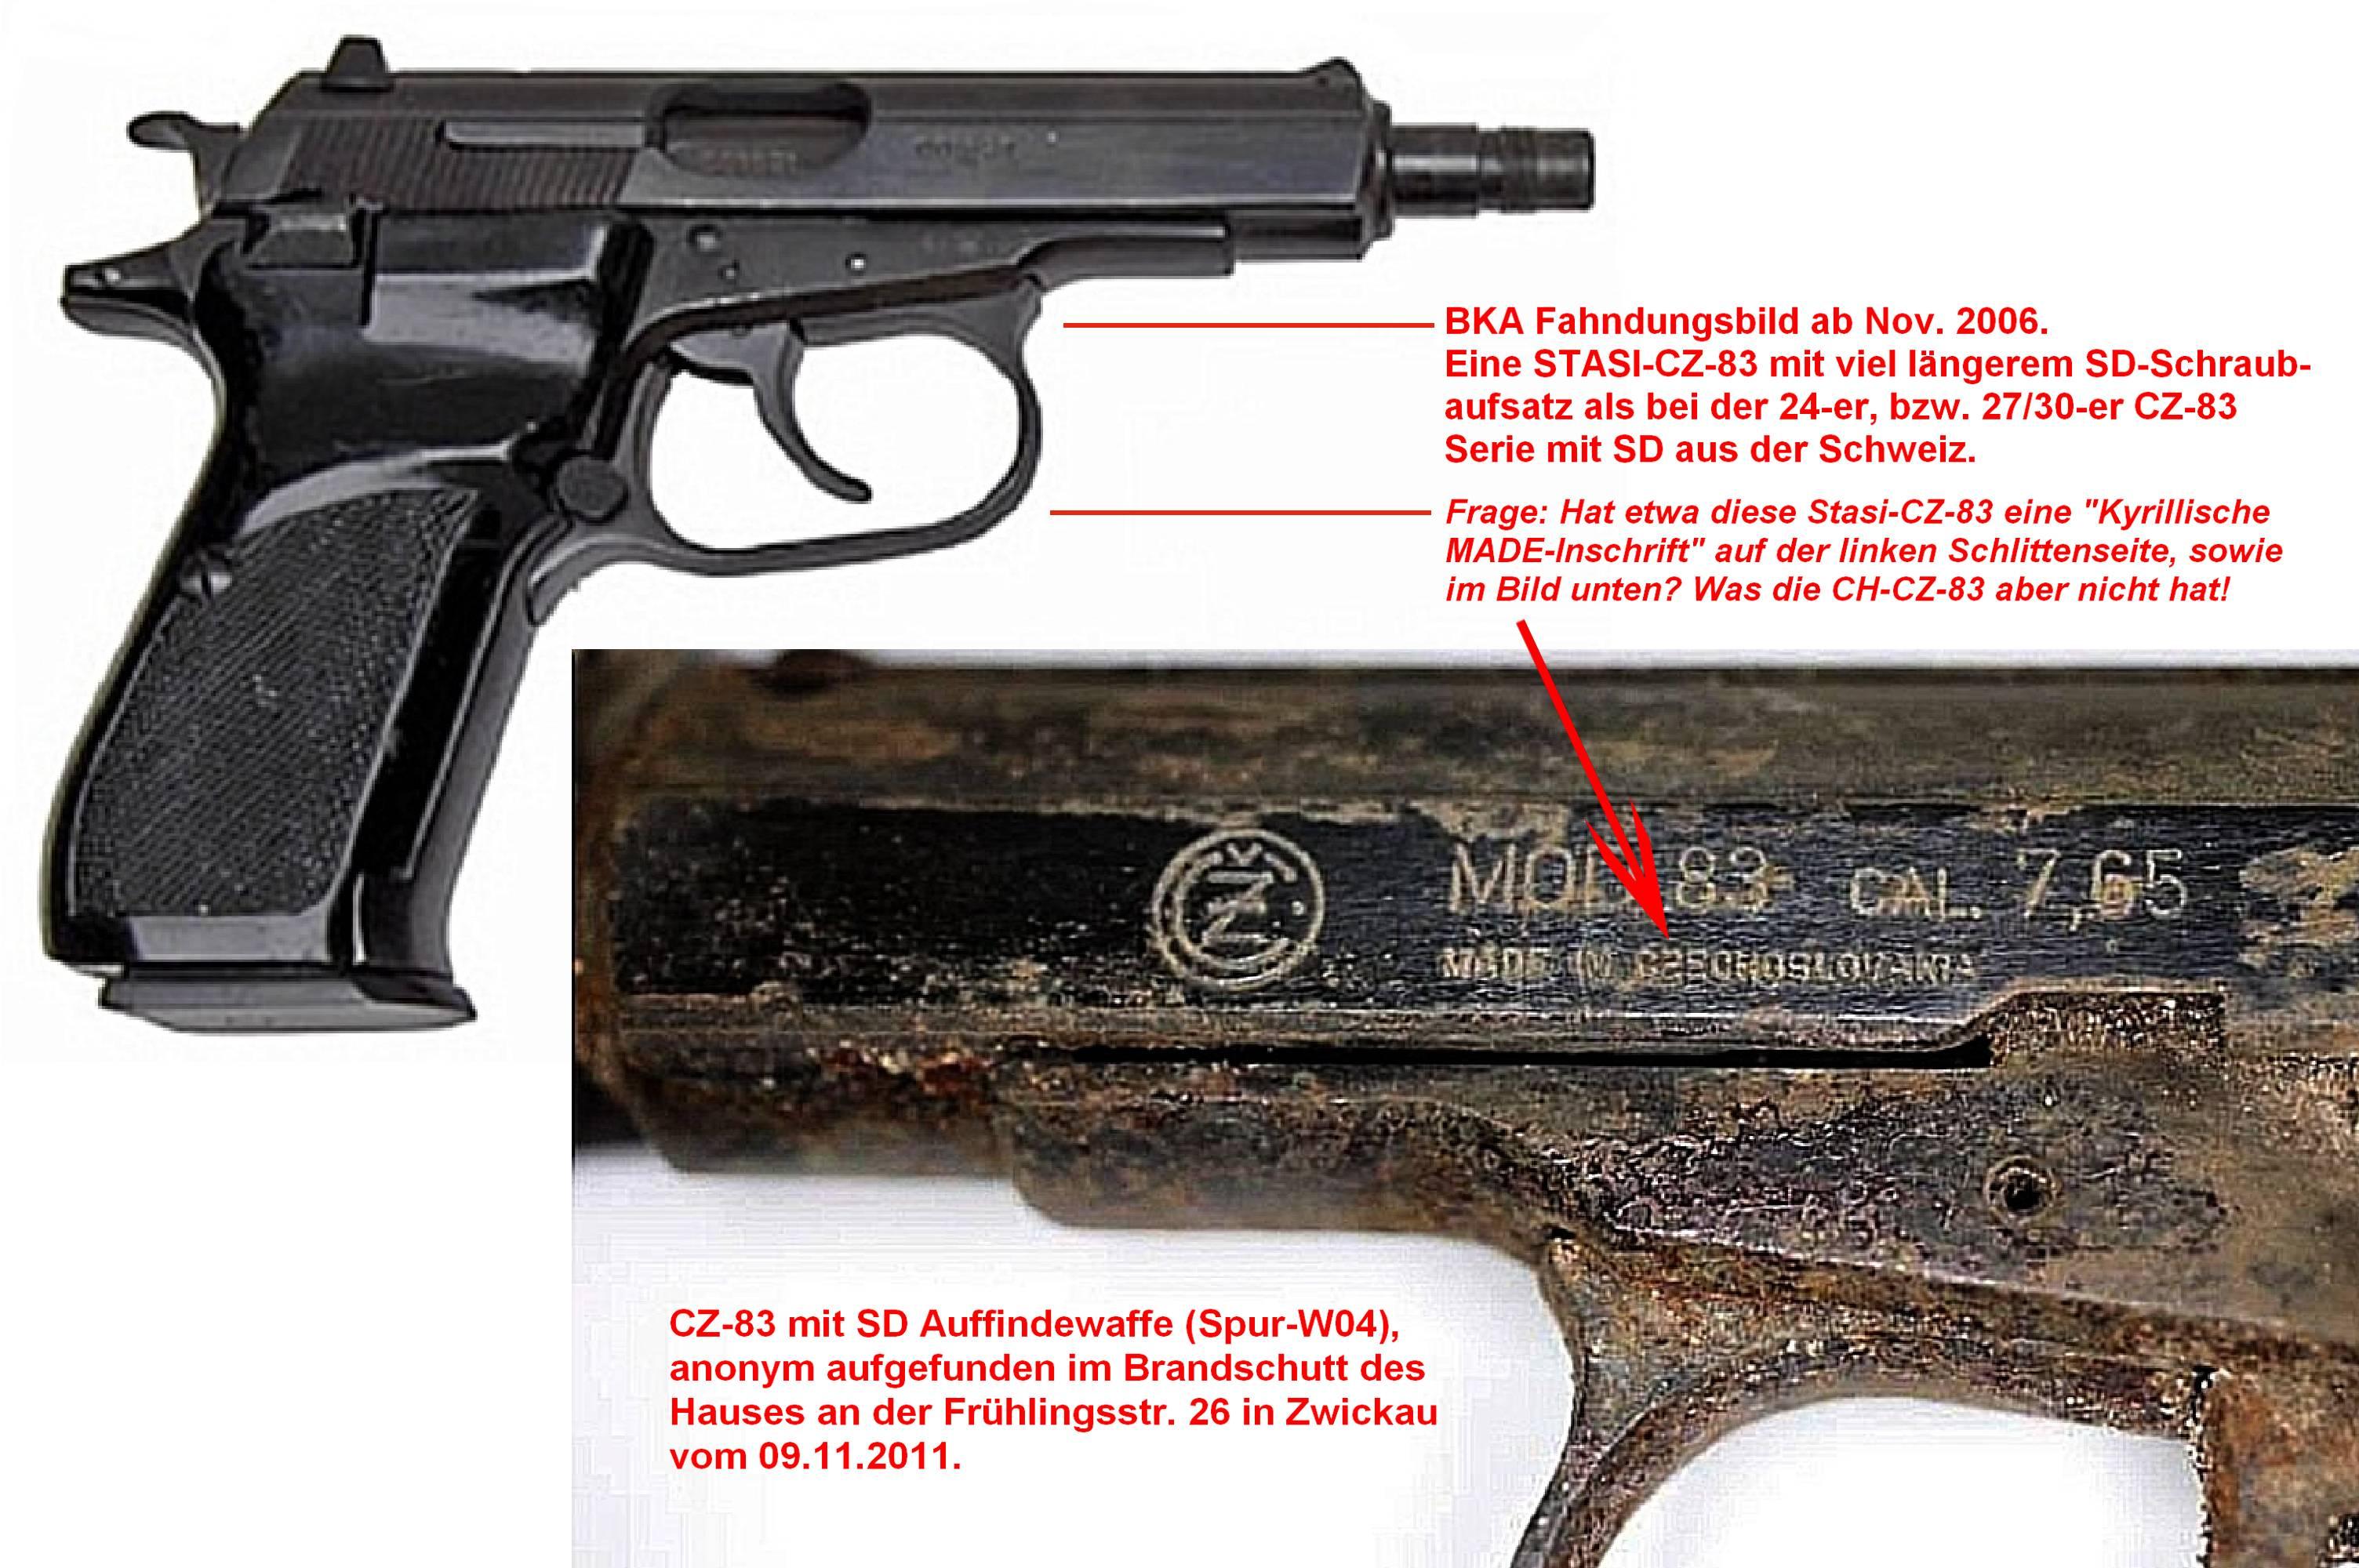 2 Stasi und Auffinde Waffe (Kyrillische Made-Inschrift)